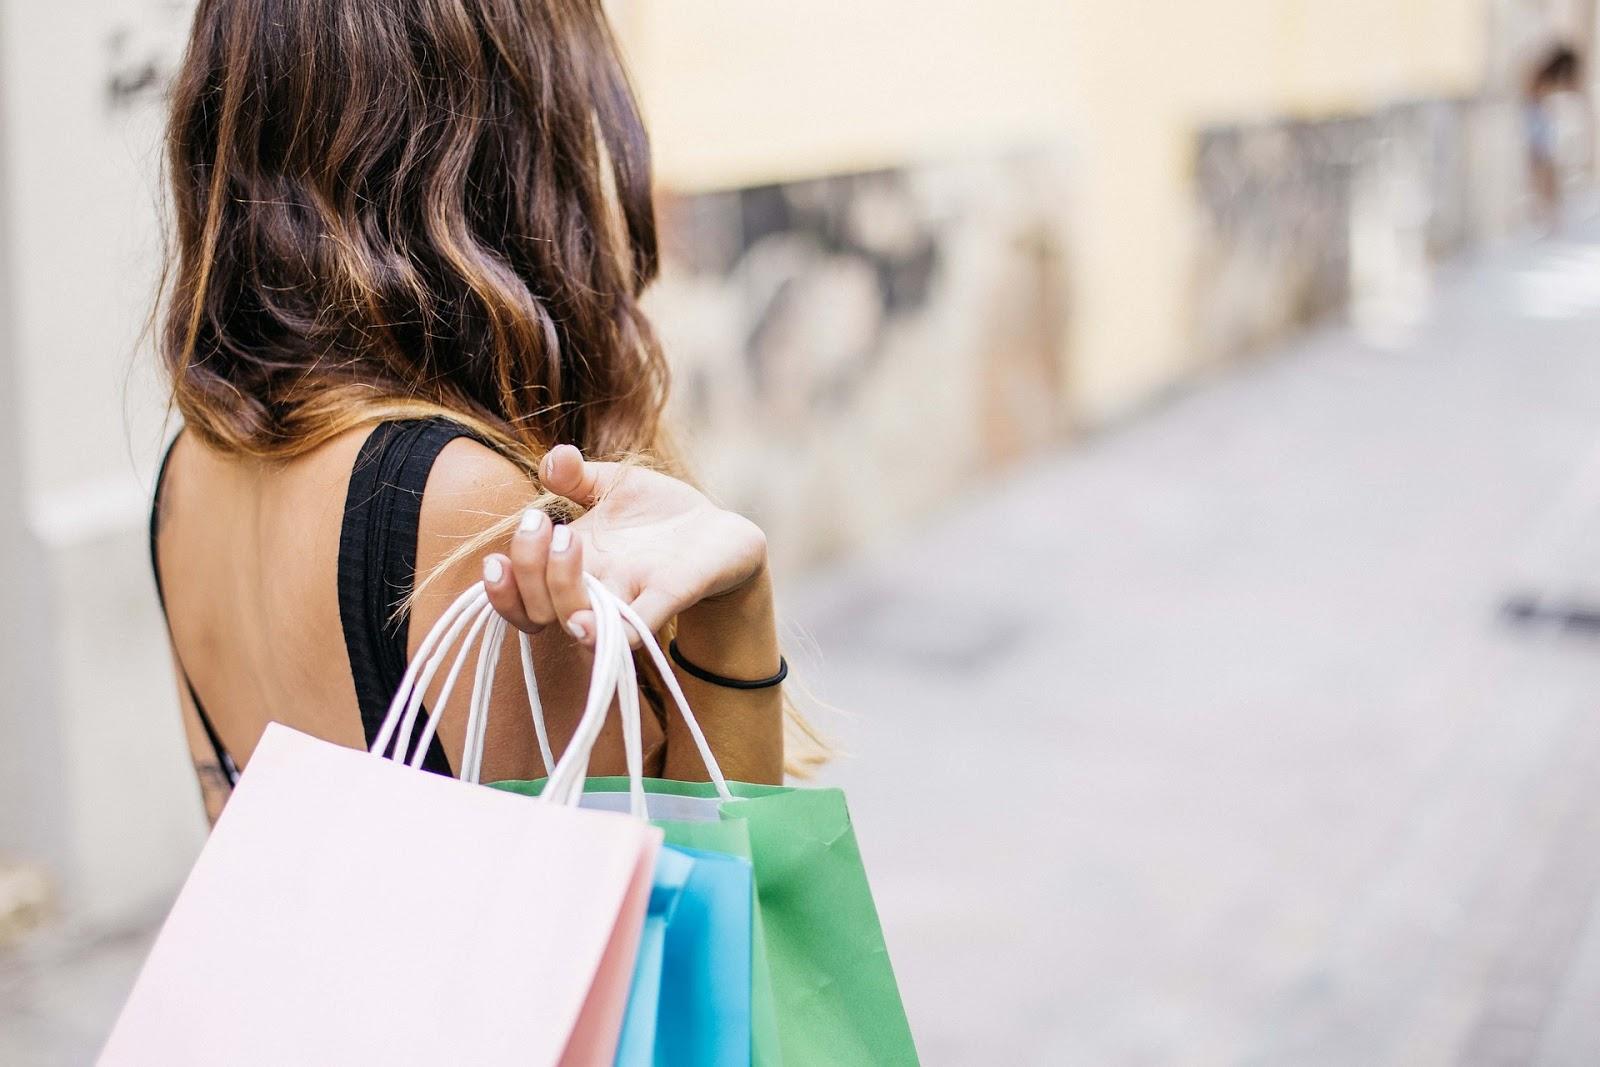 Kdo by nechtěl nakupovat a při tom šetřit  Kdo by si nechtěl pořídit  vysněný kousek do šatníku ee79642d7d